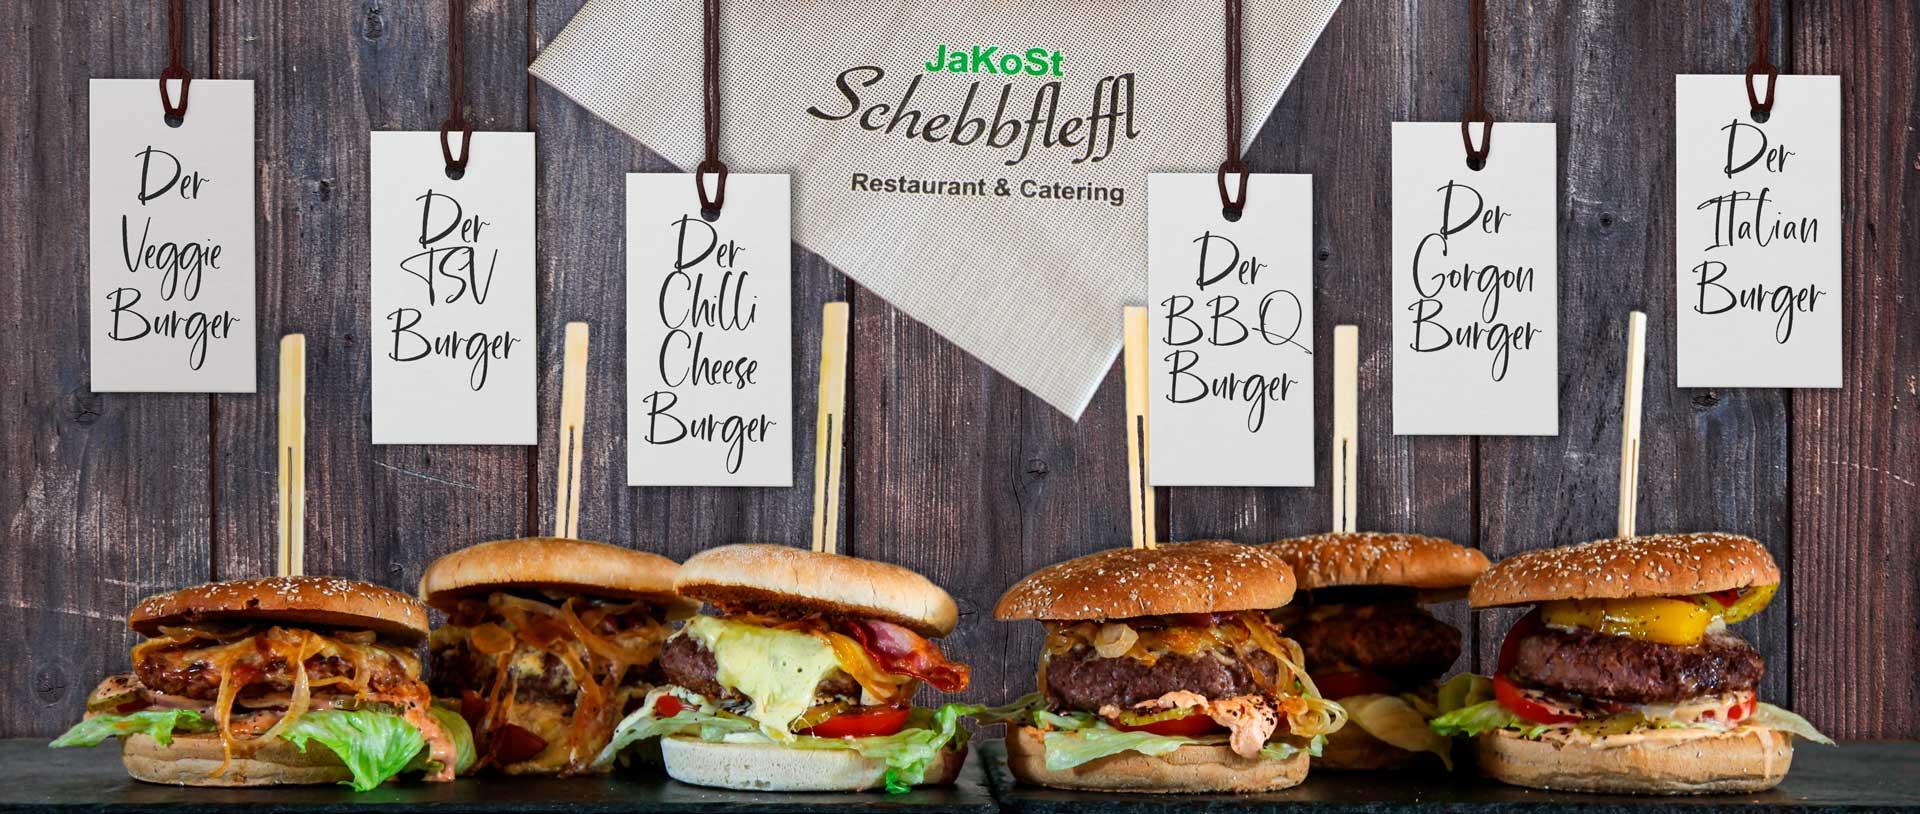 die-Schebbfleffl-Burger